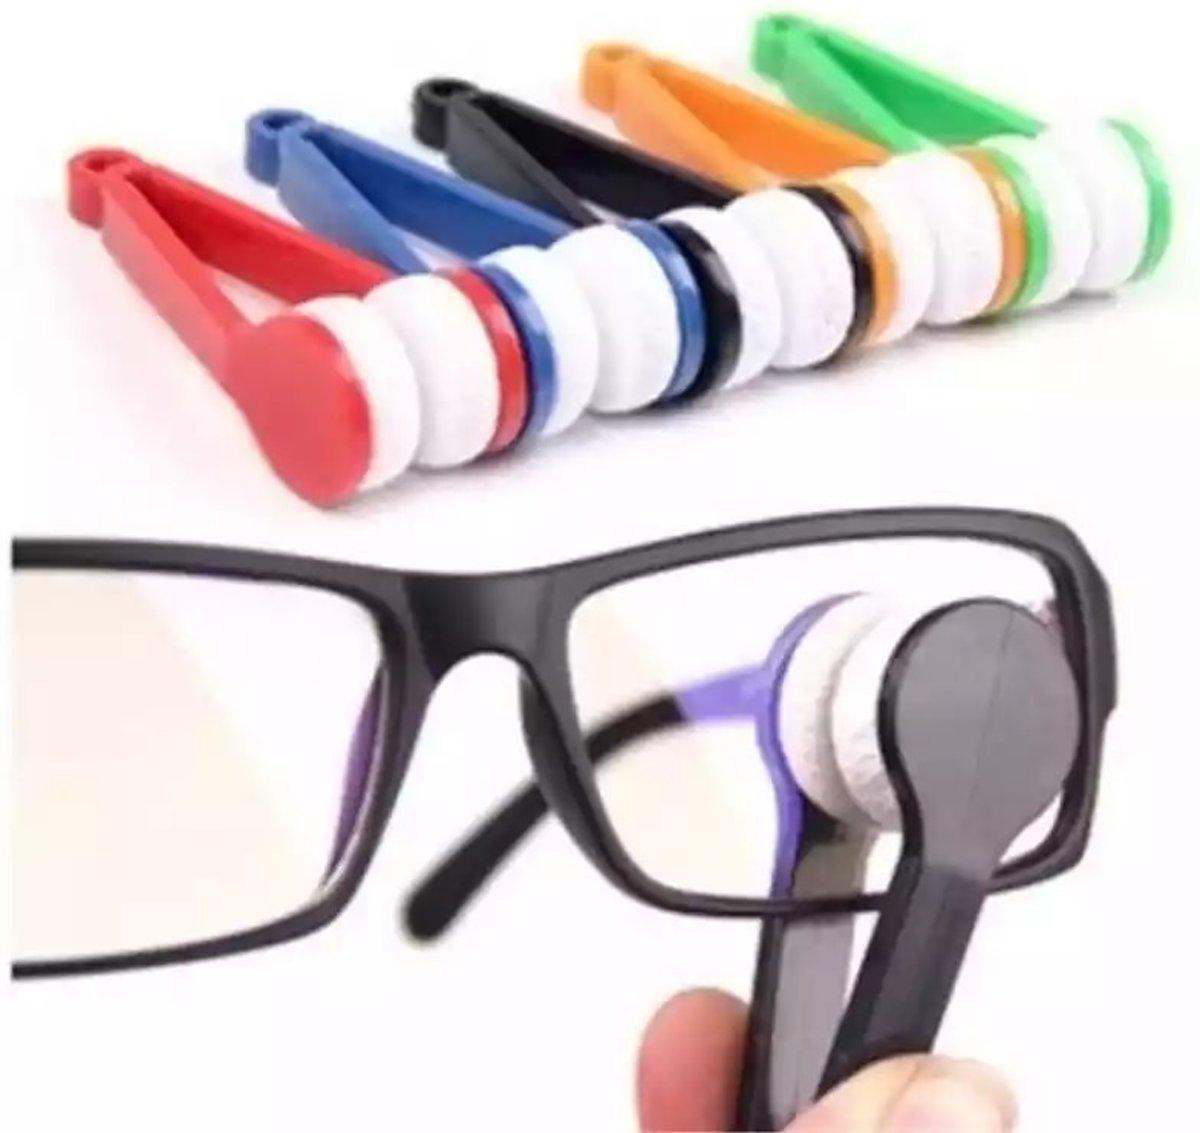 Tweezijdige brillendoekje | Microvezel brillendoekje | Binnen en buitenkant van de glazen tegelijk reinigen kopen